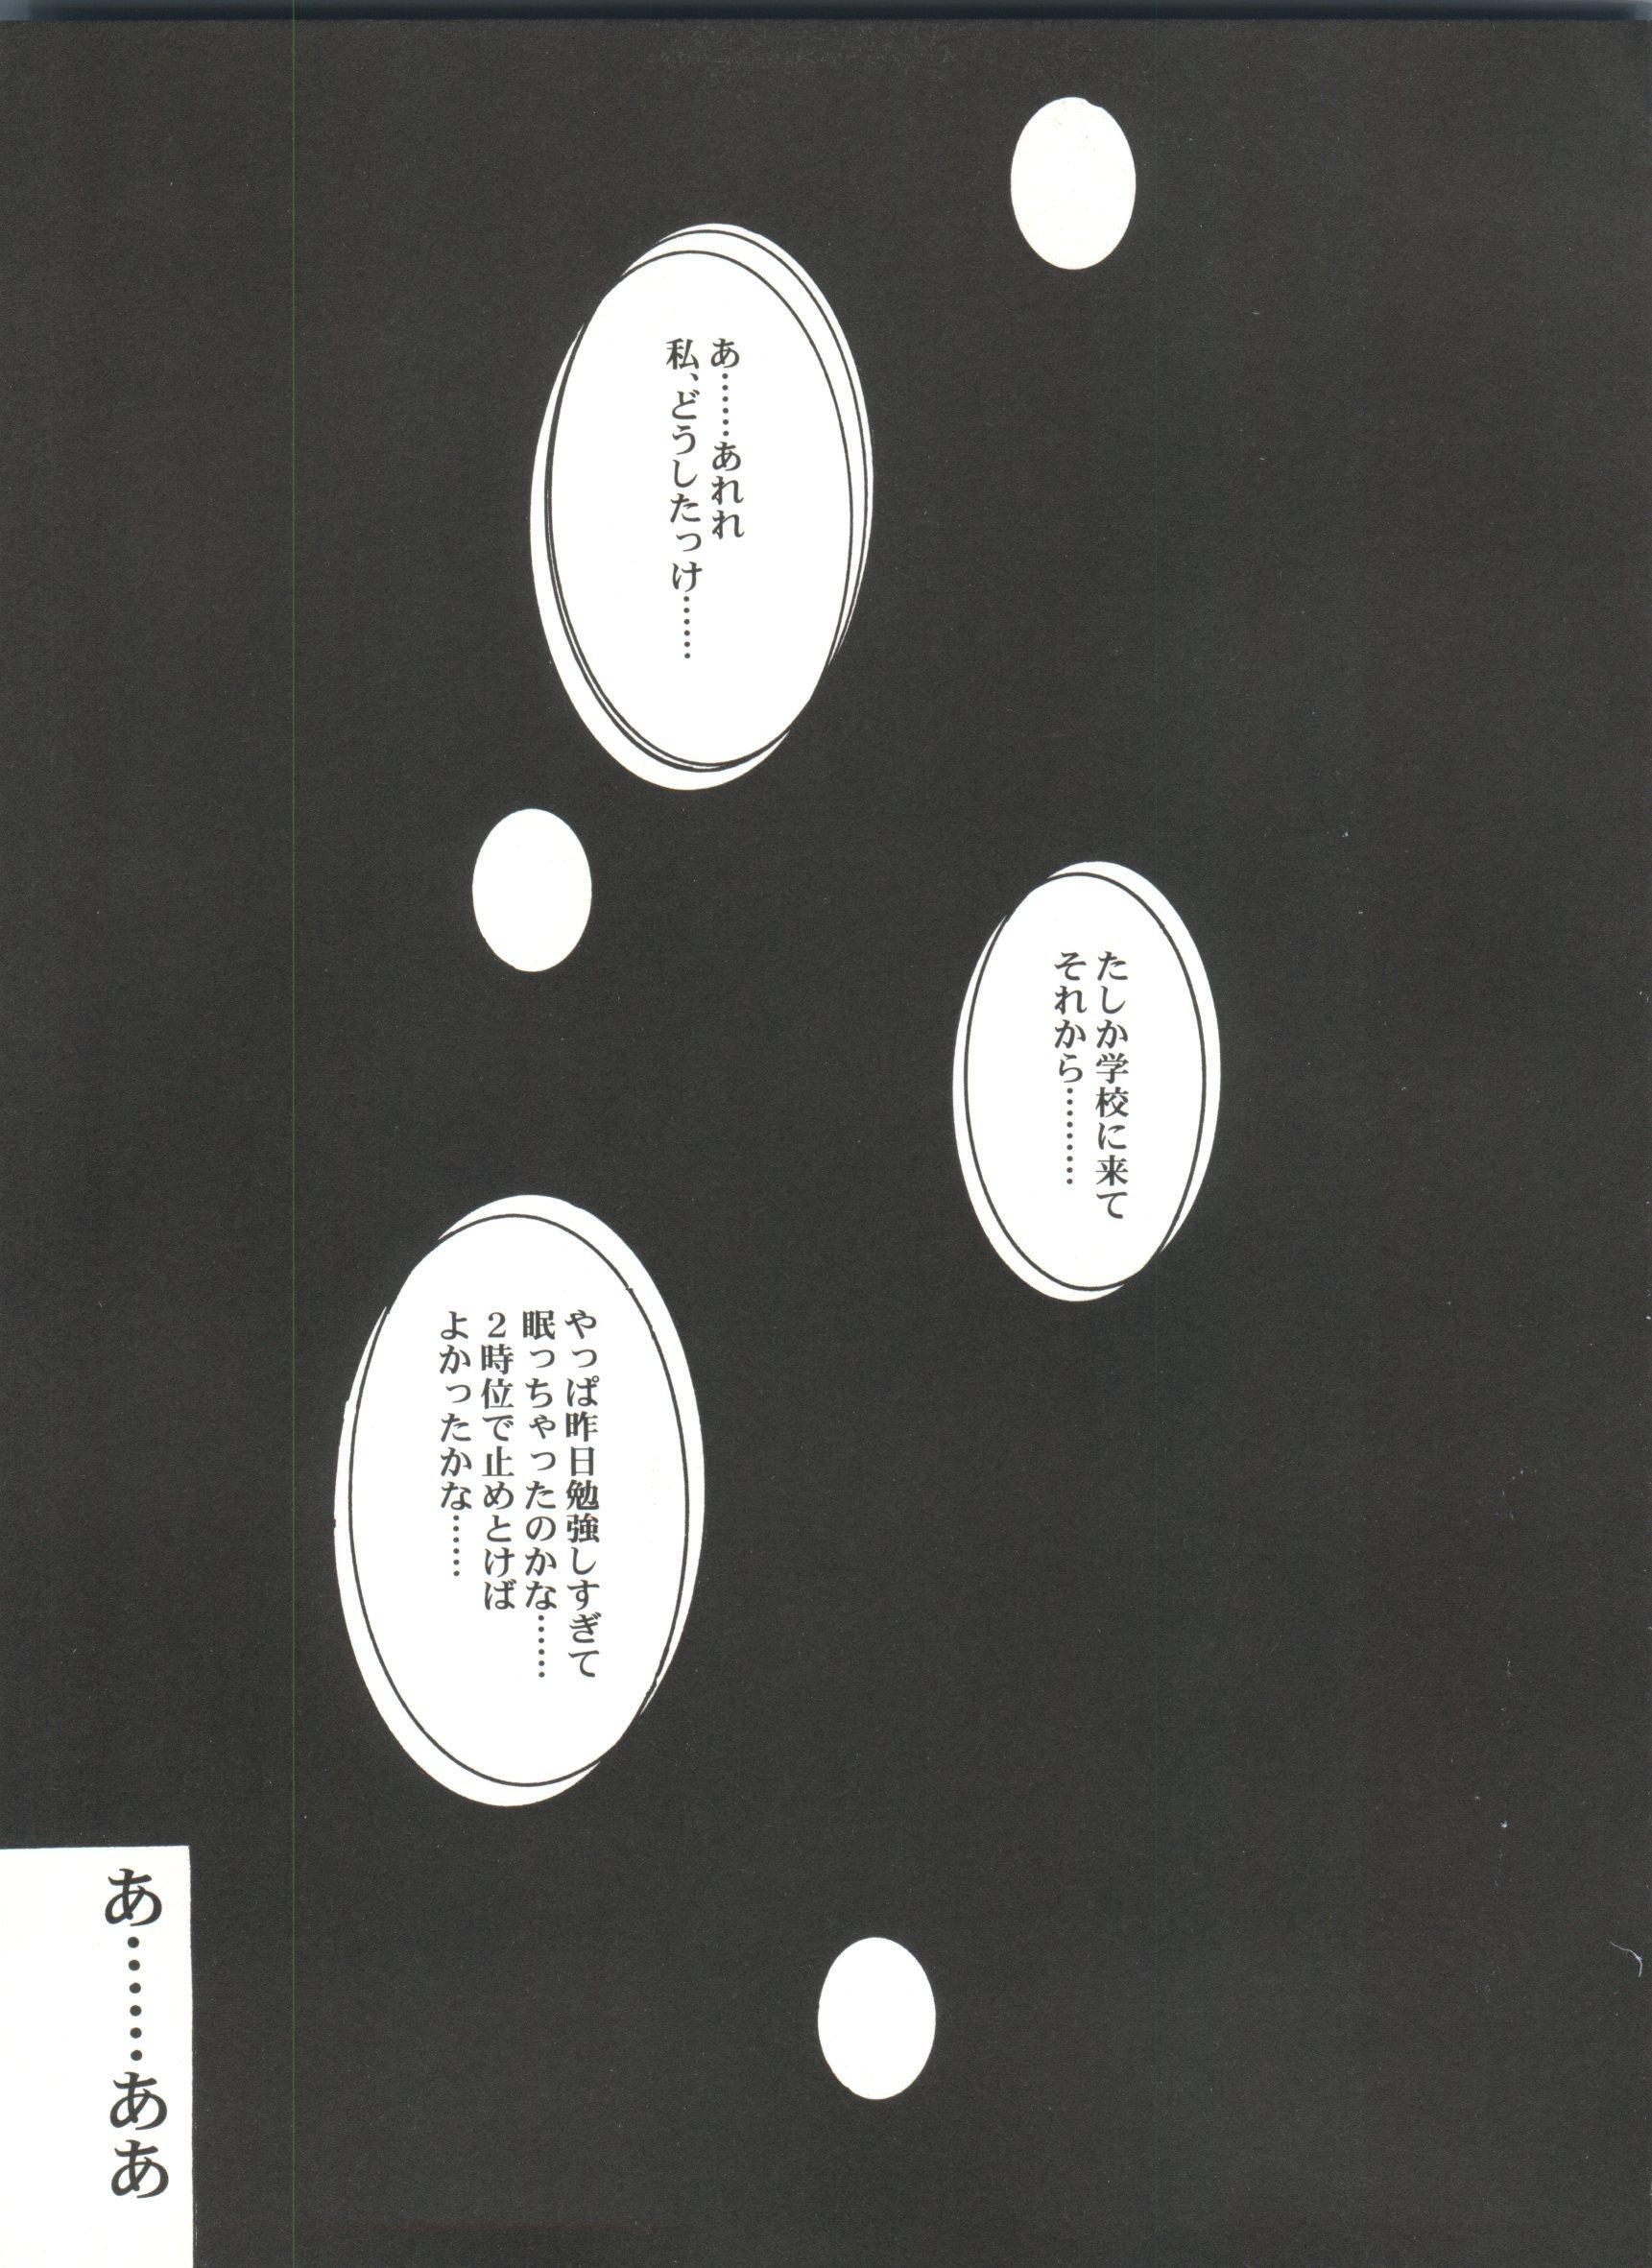 Bishoujo Doujinshi Anthology Cute 4 52